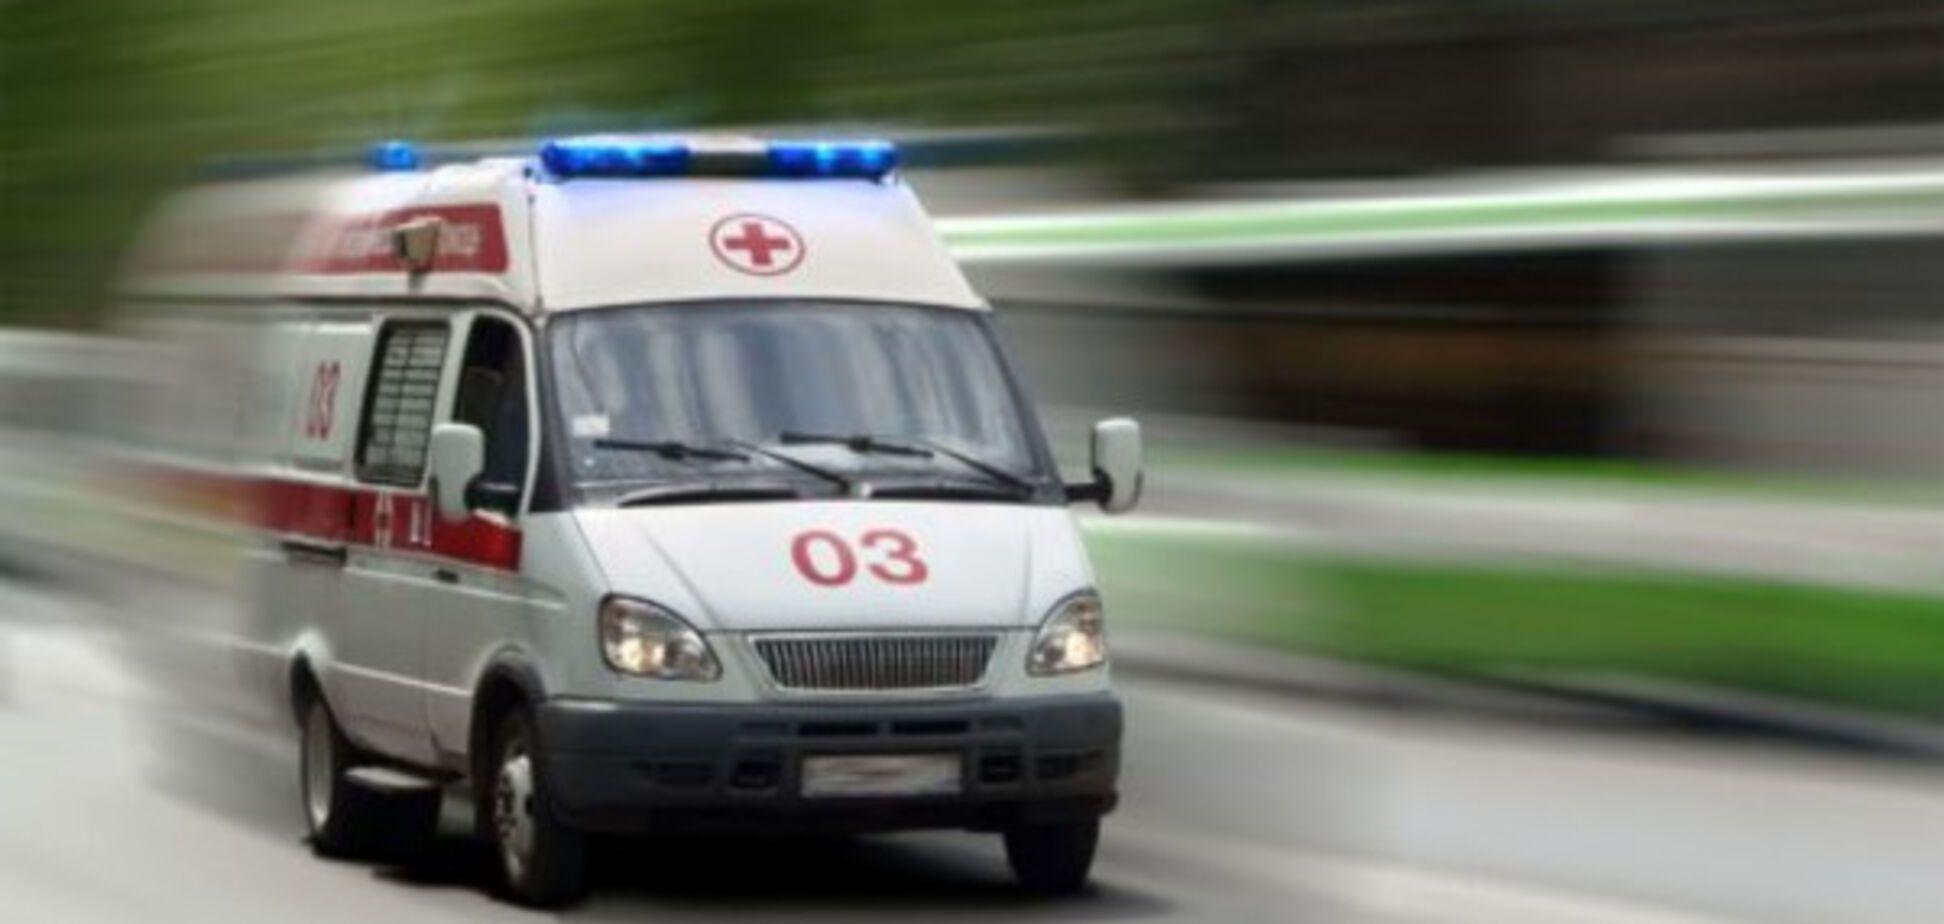 Запорожские медики отказались госпитализировать бездомного (ВИДЕО)